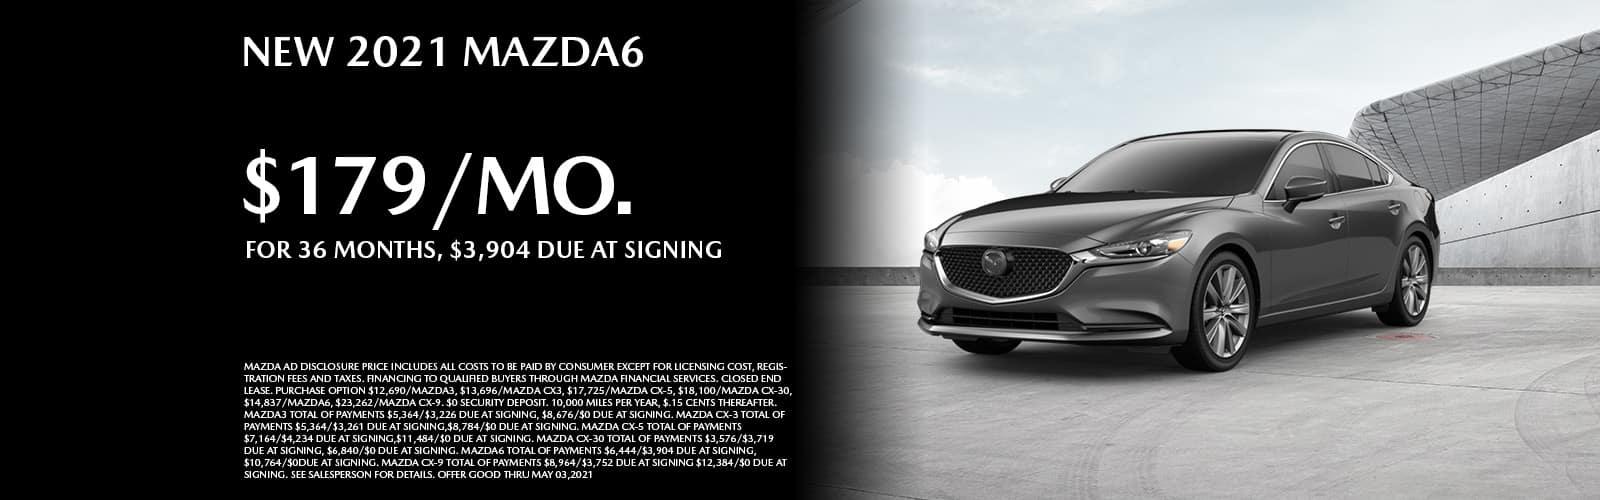 YoungMazda_Sliders_Mazda6 (2)